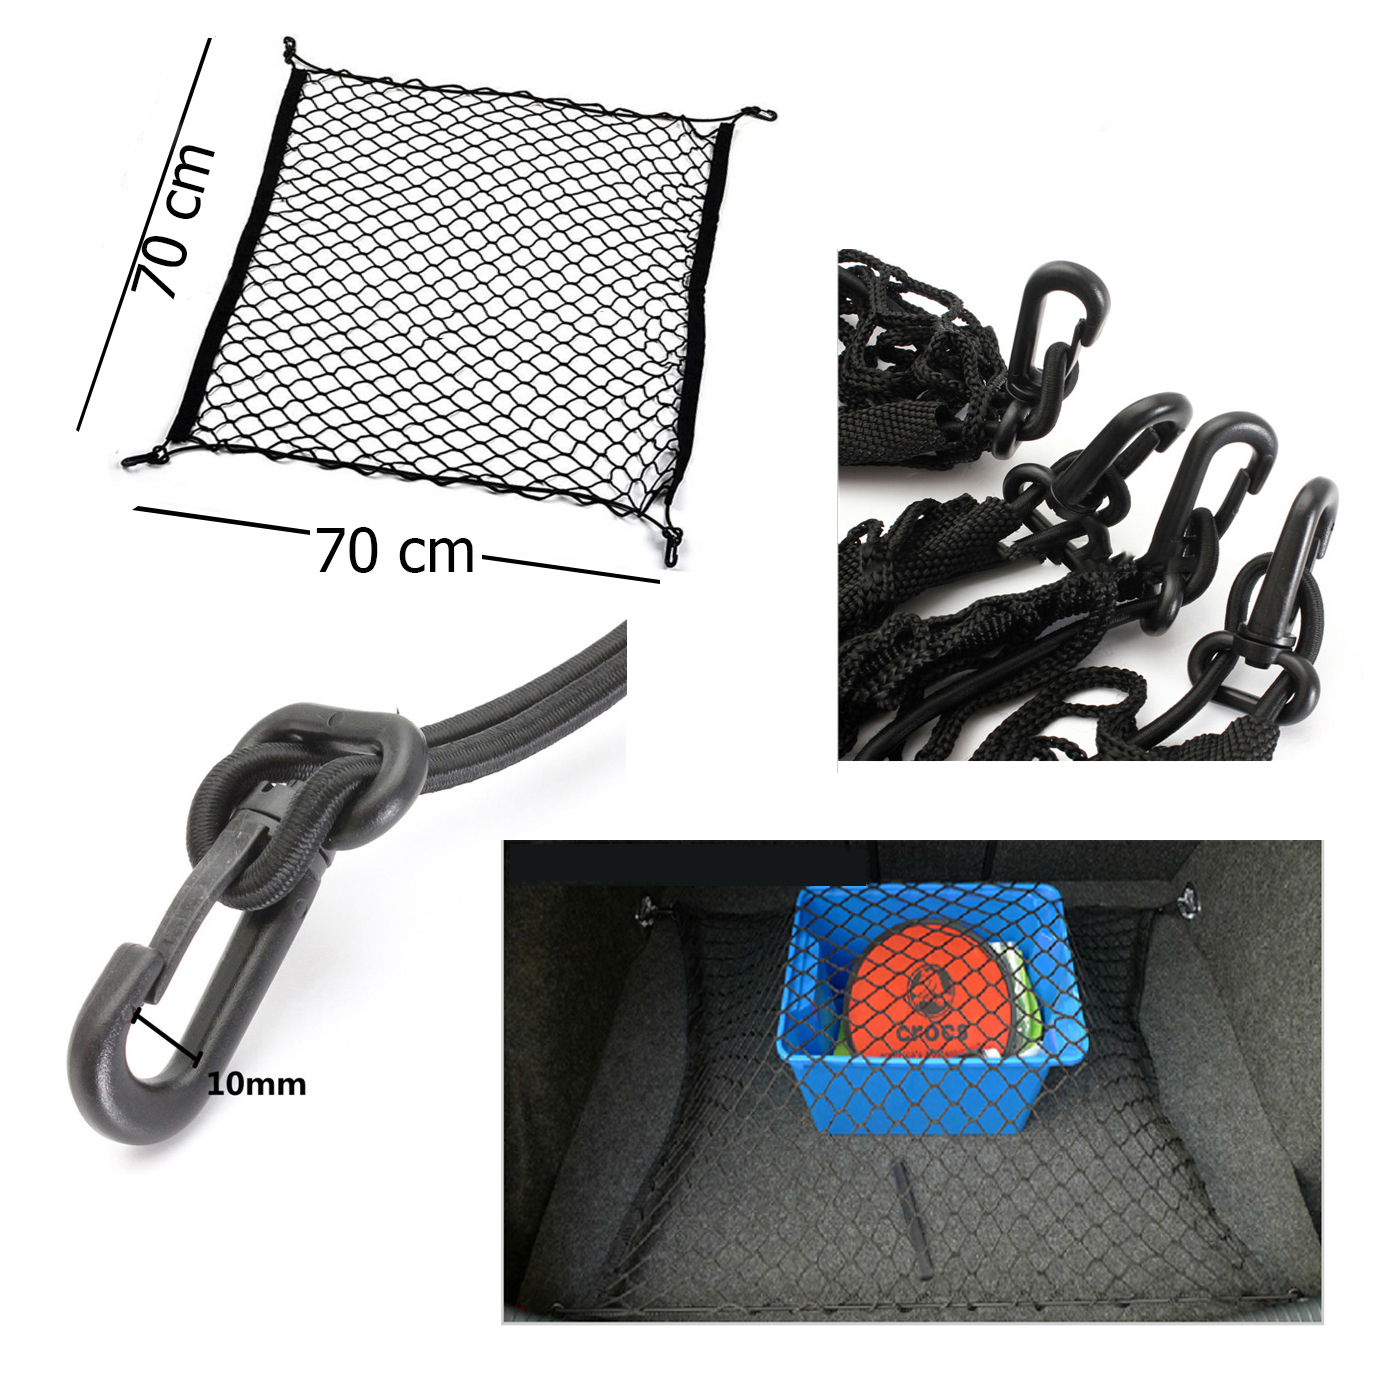 Red elástica para casco de moto 60cm de largo 2 ganchos 4 cuerdas